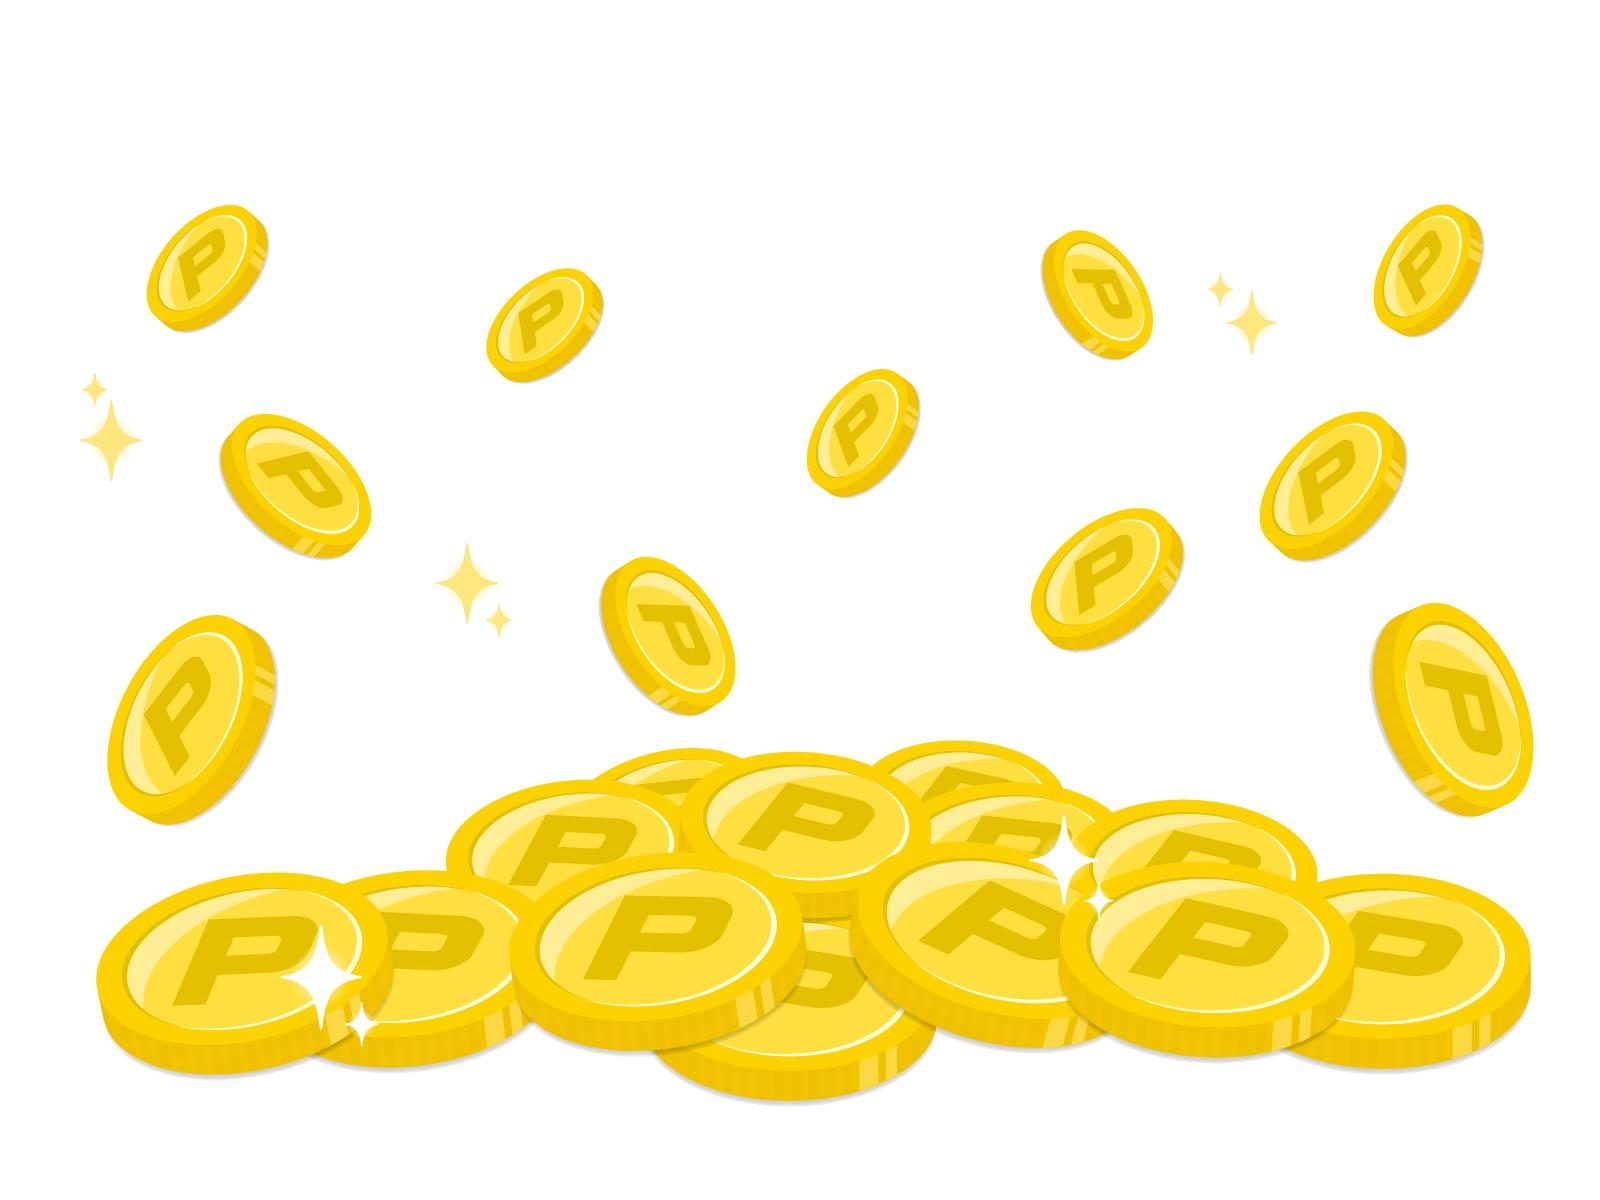 毎月数万円を稼ぎ続ける本気のポイ活【おすすめポイントサイト5選】